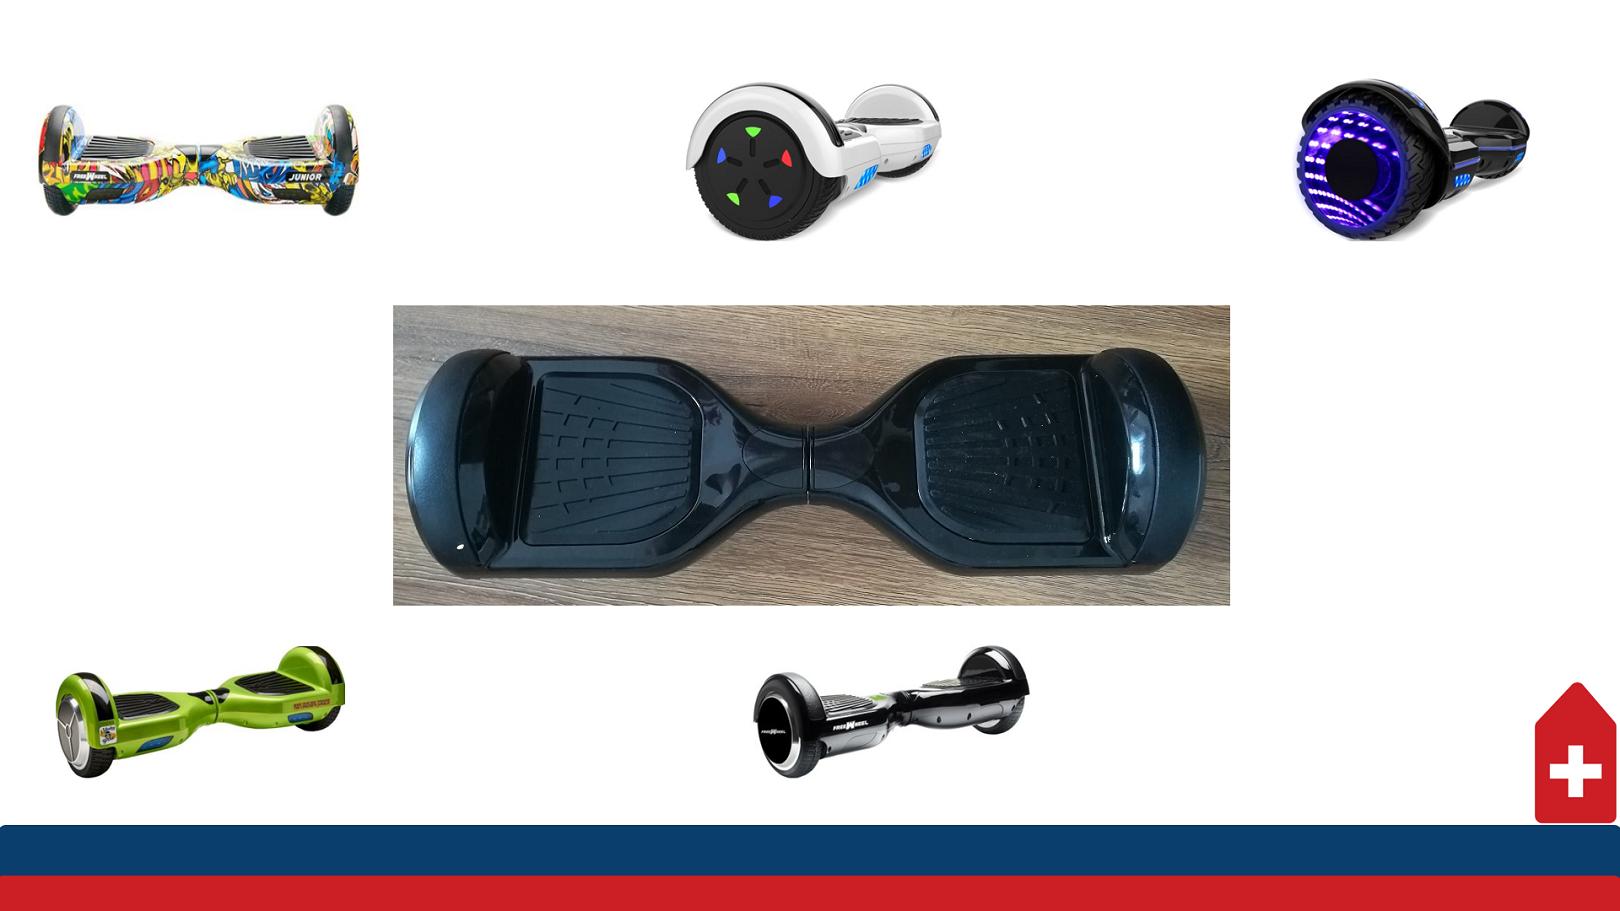 Cautam cele mai bune hoverboarduri electrice